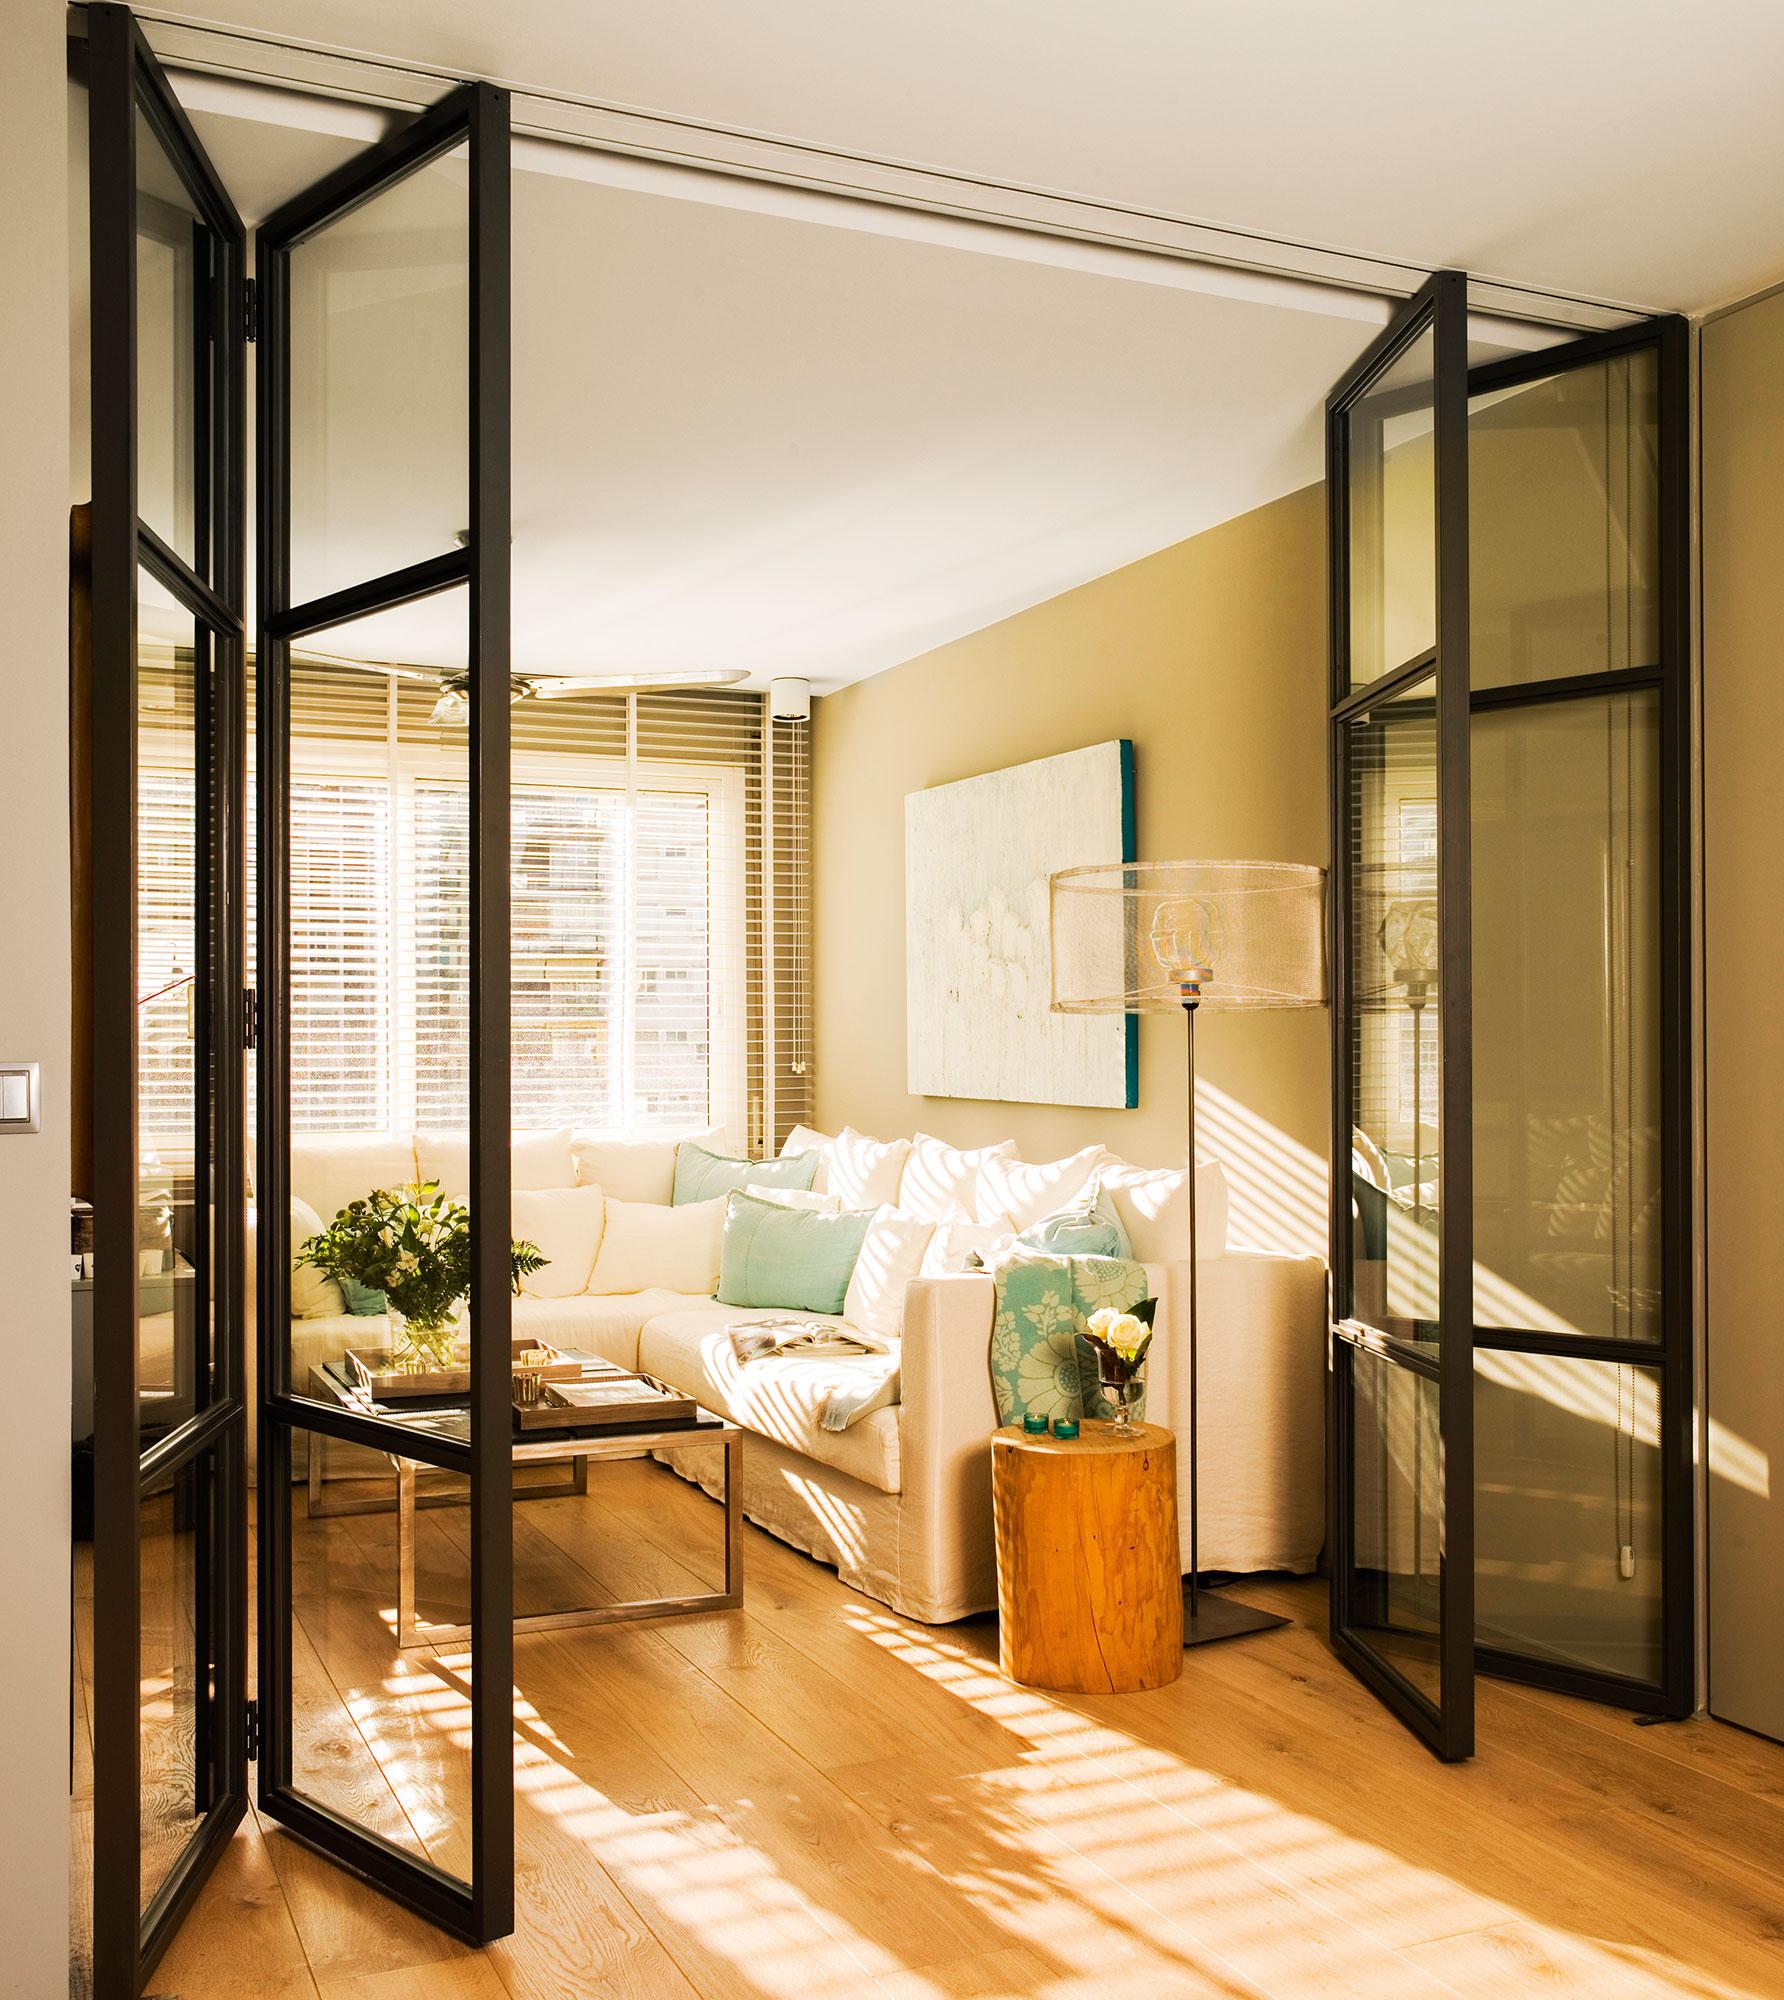 Instala una puerta corredera en casa y gana 1 5 m2 reales for Suelos para casas antiguas